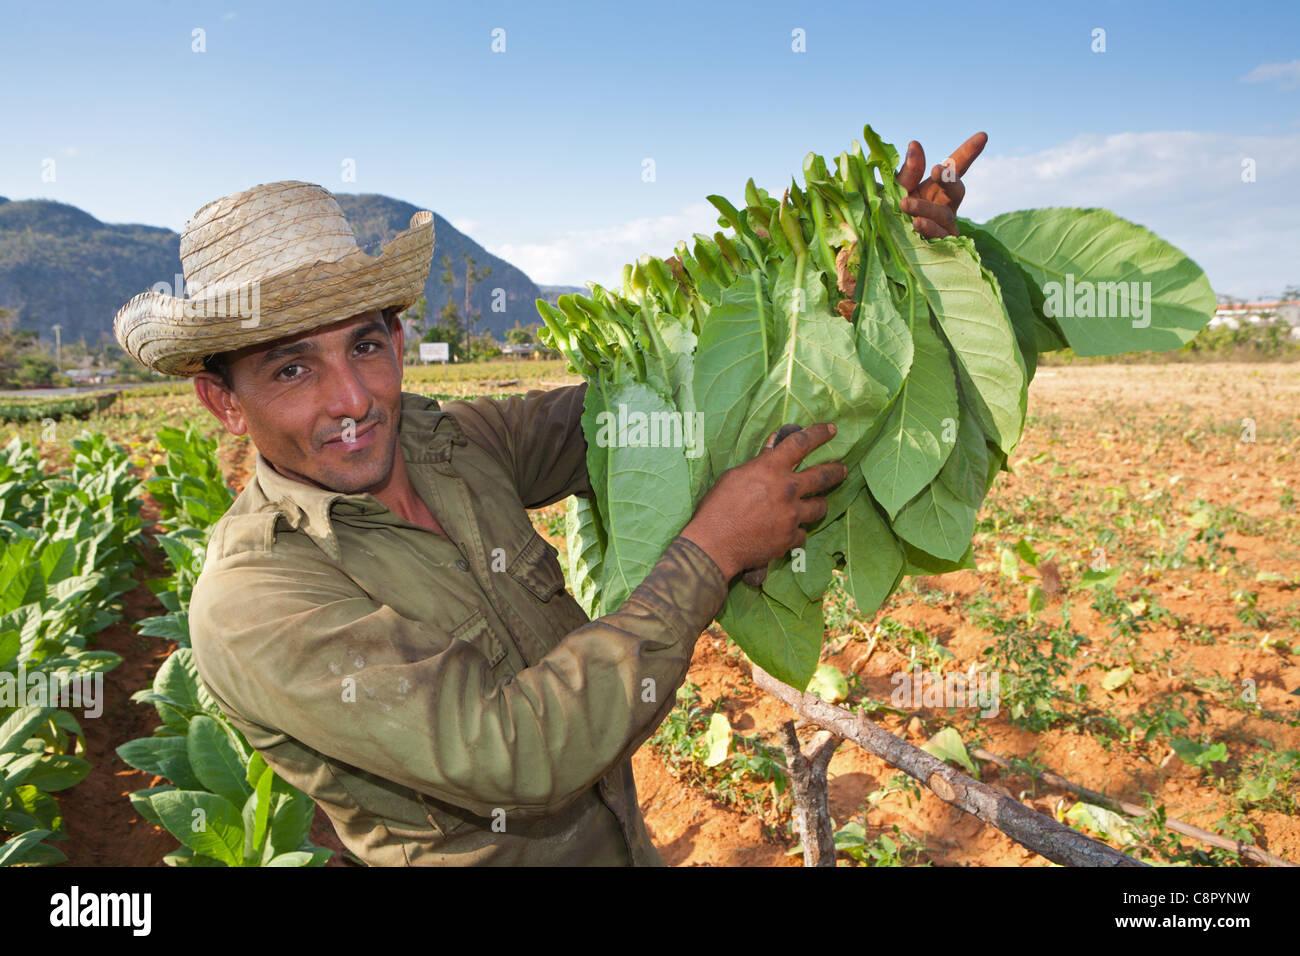 PINAR DEL RIO: VINALES TOBACCO FARMER WORKING IN TOBACCO FIELDS - Stock Image